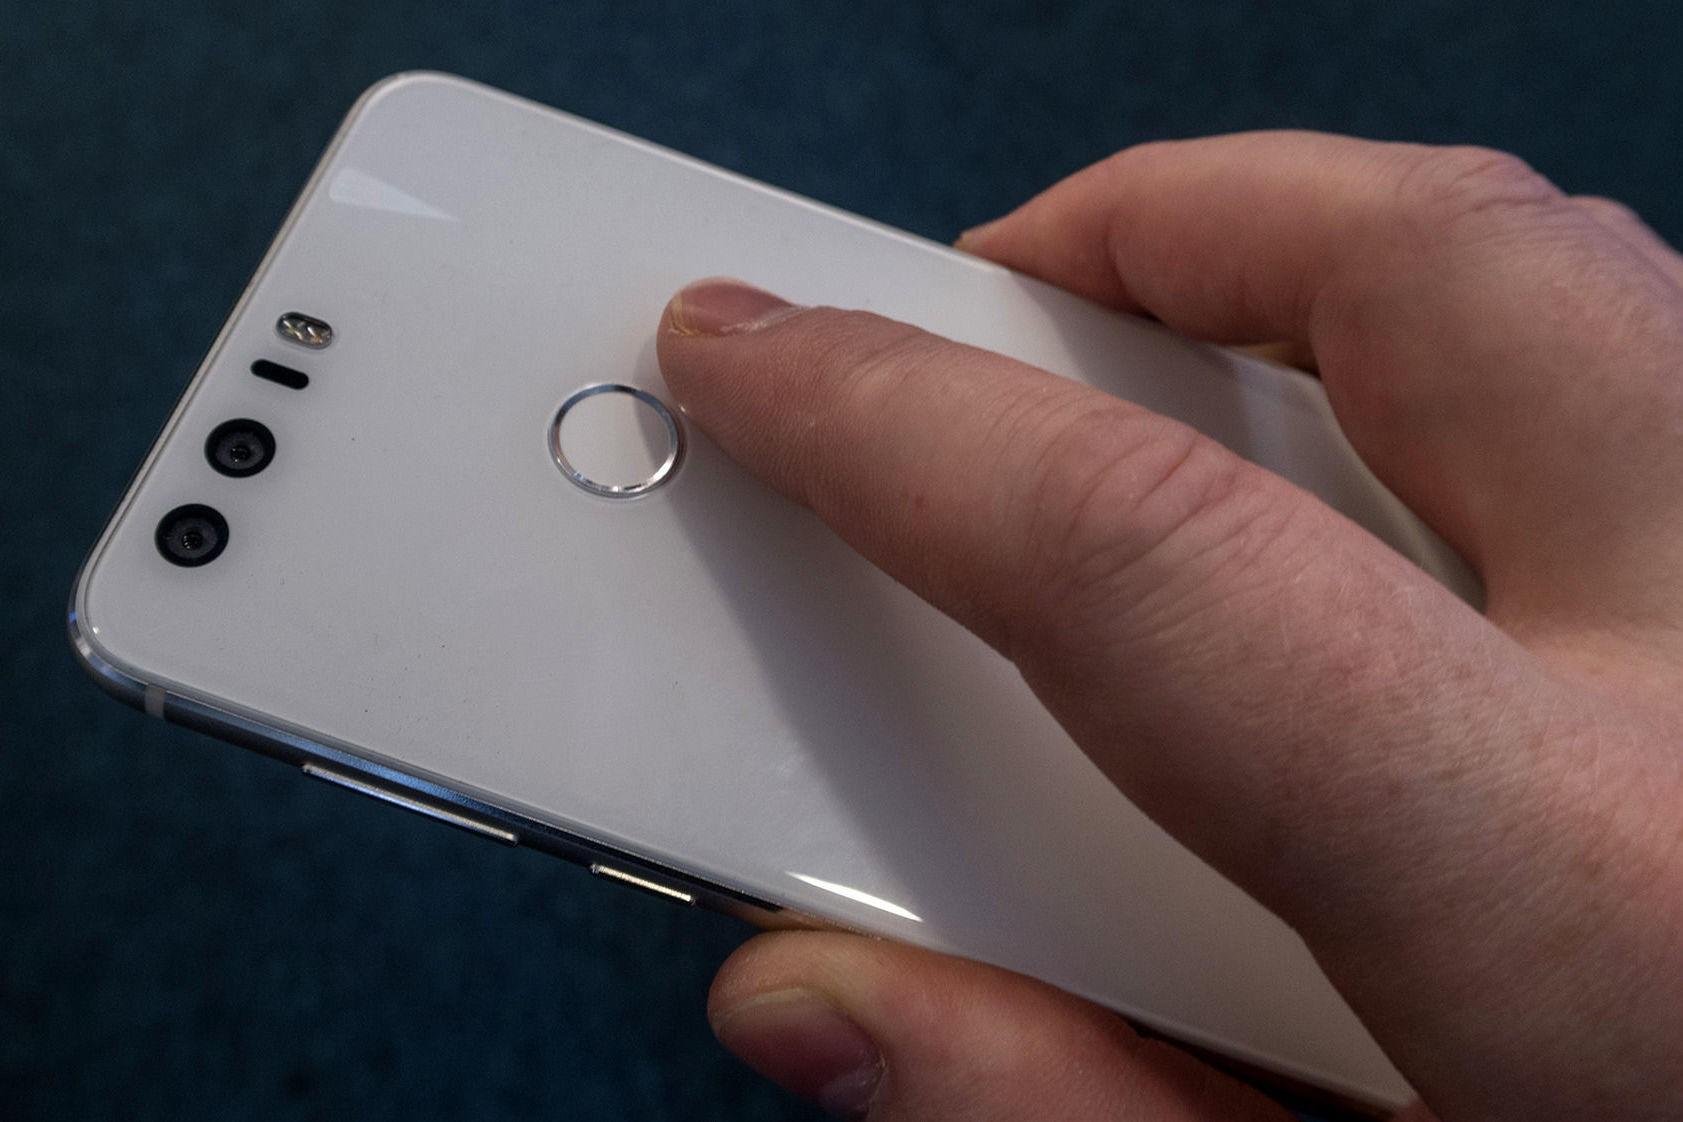 Politiet kan i fremtiden tvinge deg til å bruke fingeravtrykk eller andre former for opplåsingsmekanismer på mobilen din, slik at de kan få tilgang til innholdet ved beslag og ranssaking.